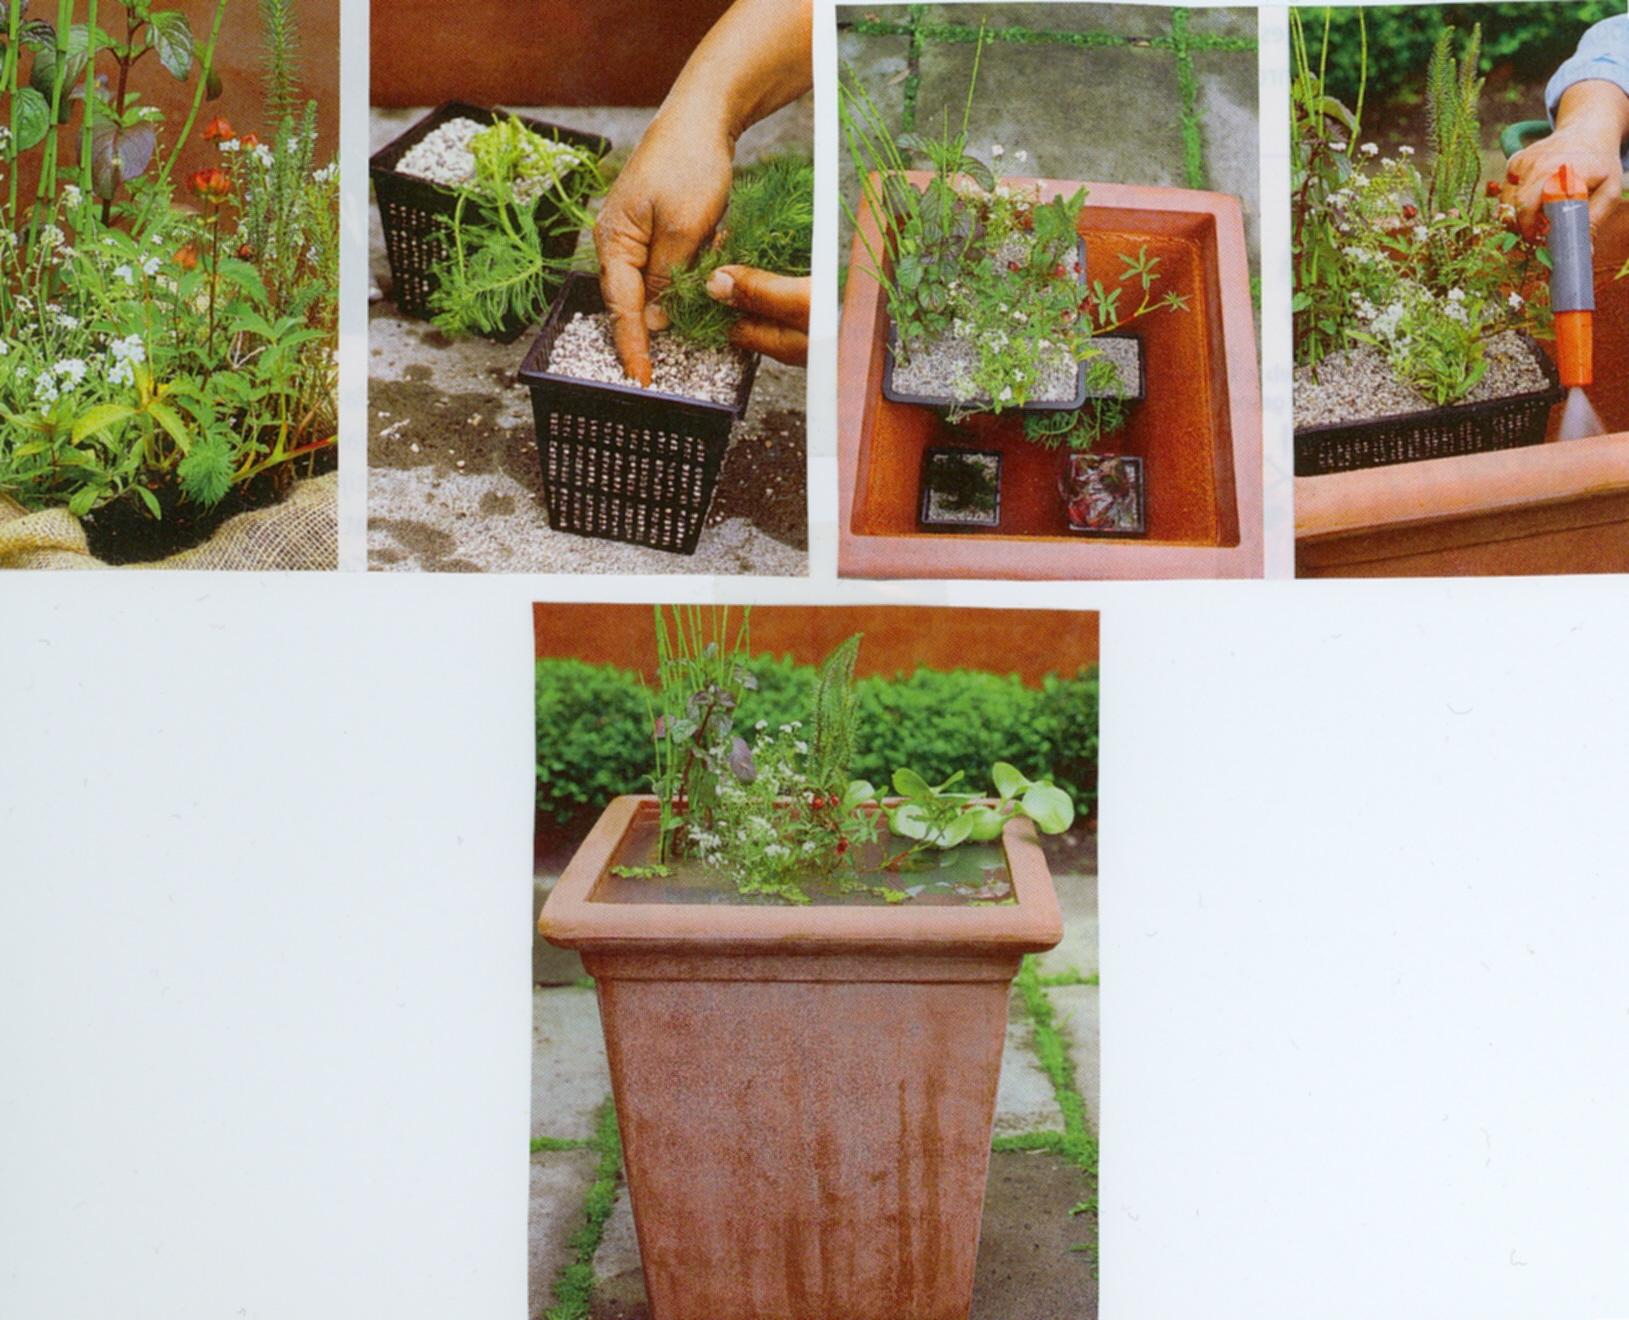 Belevenissen van een tuinkabouter siertuin kleine vijvers for Klein vijvertje aanleggen